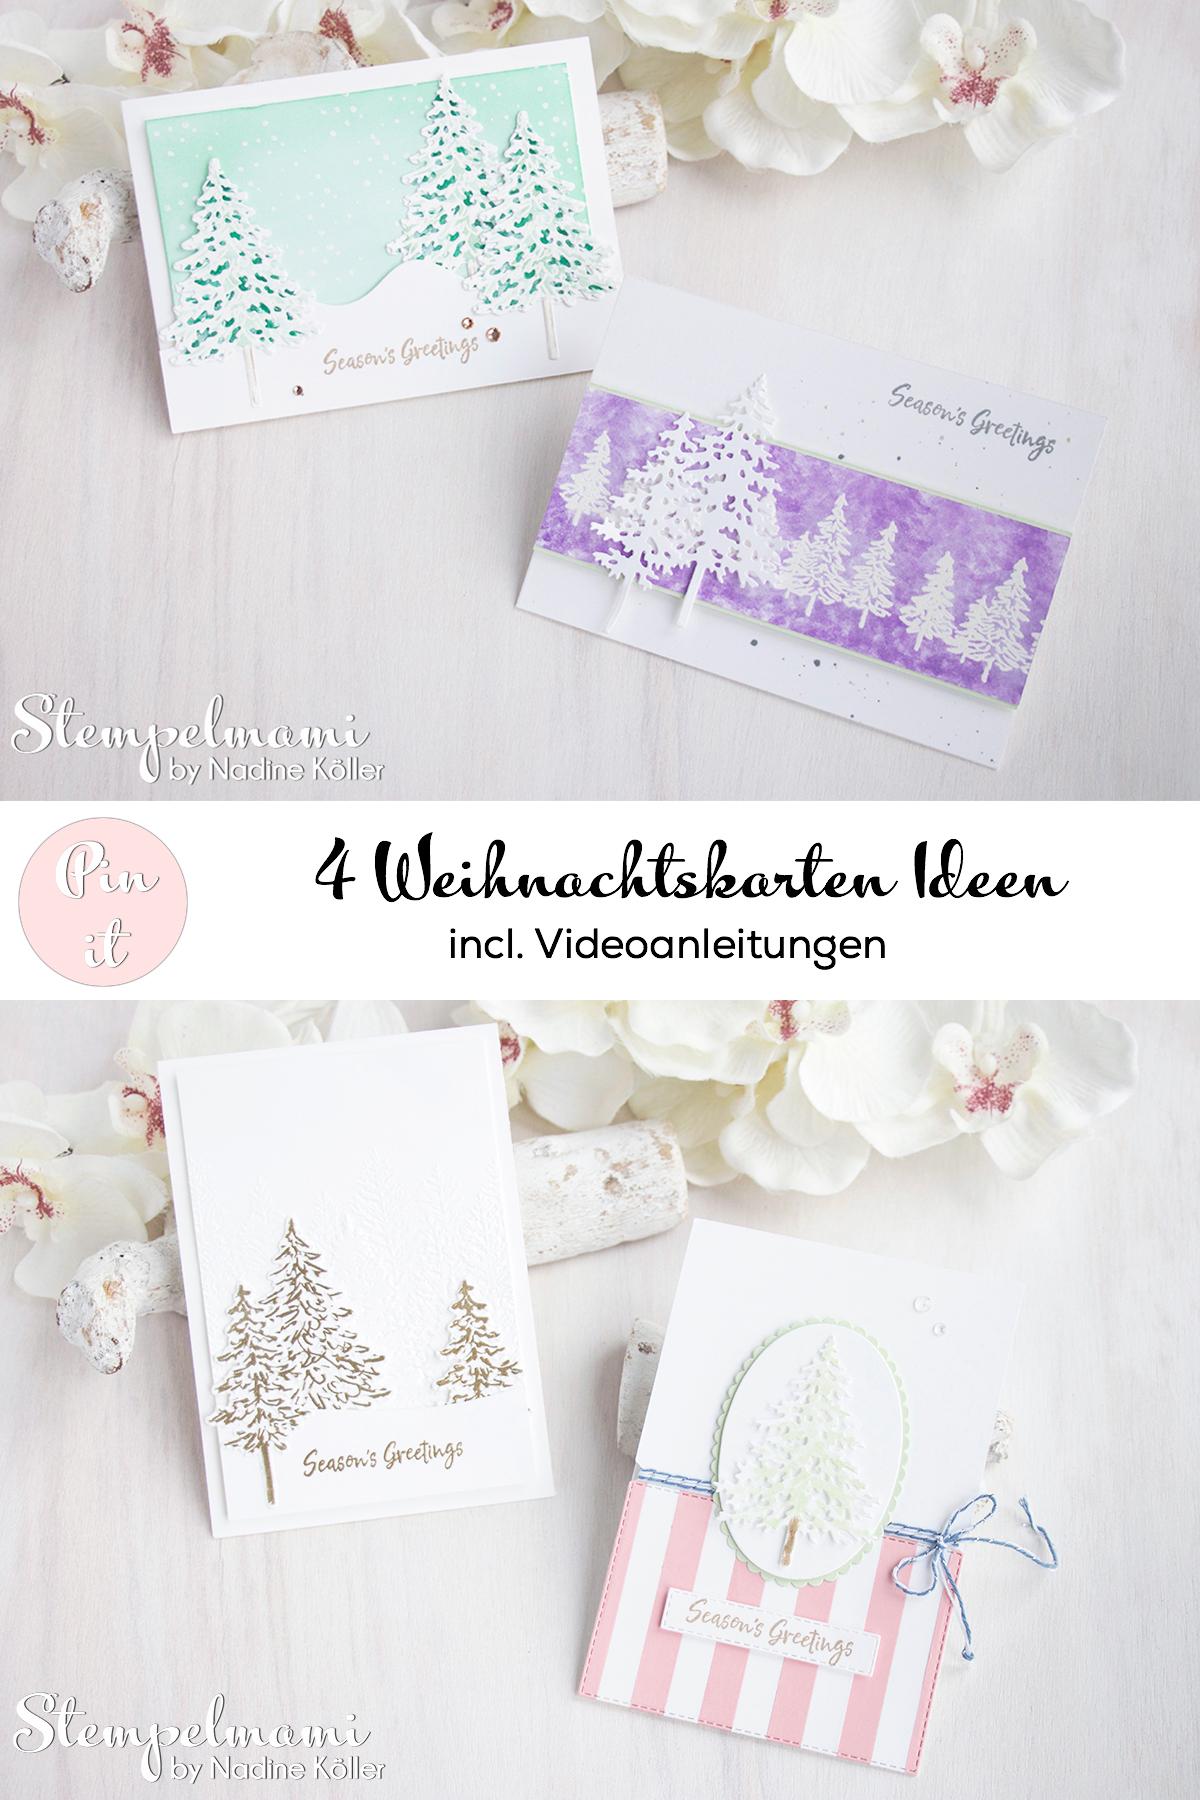 Stampin Up Anleitung Weihnachtskarten Ideen mit dem Produktpaket In the Pines Weihnachtskarte basteln Stempelmami 6